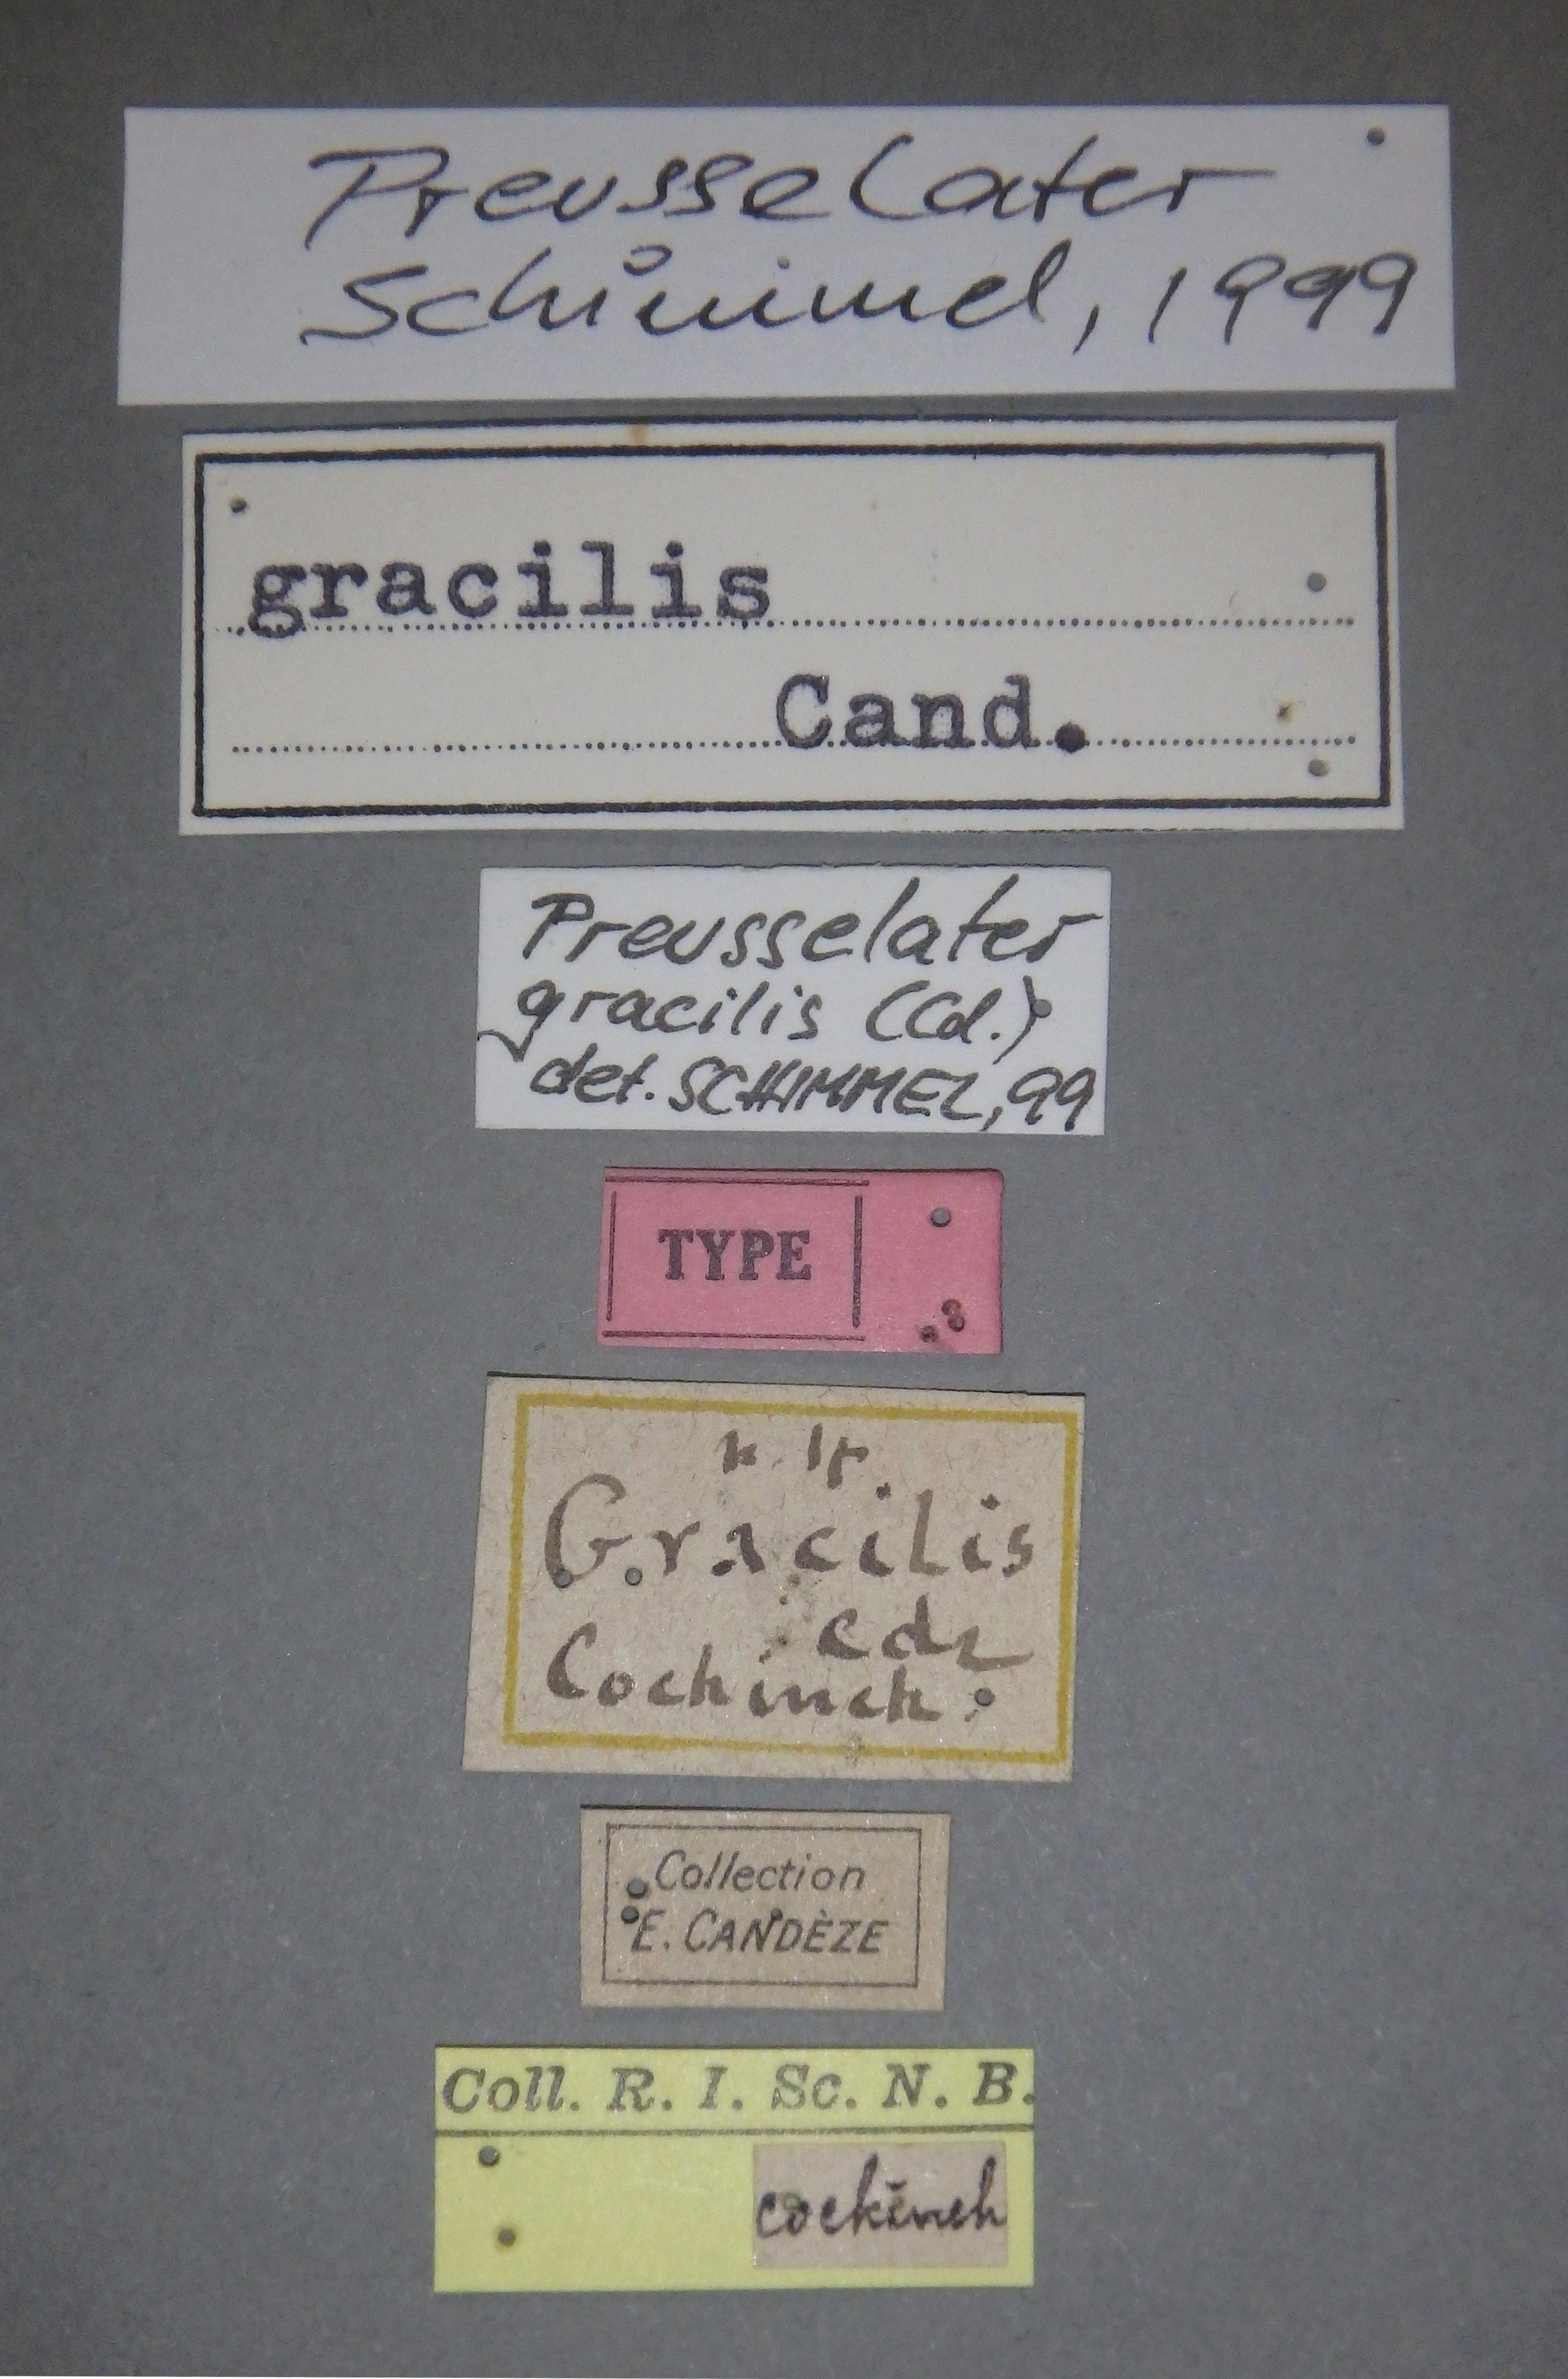 Preusselater gracilis t Lb.JPG